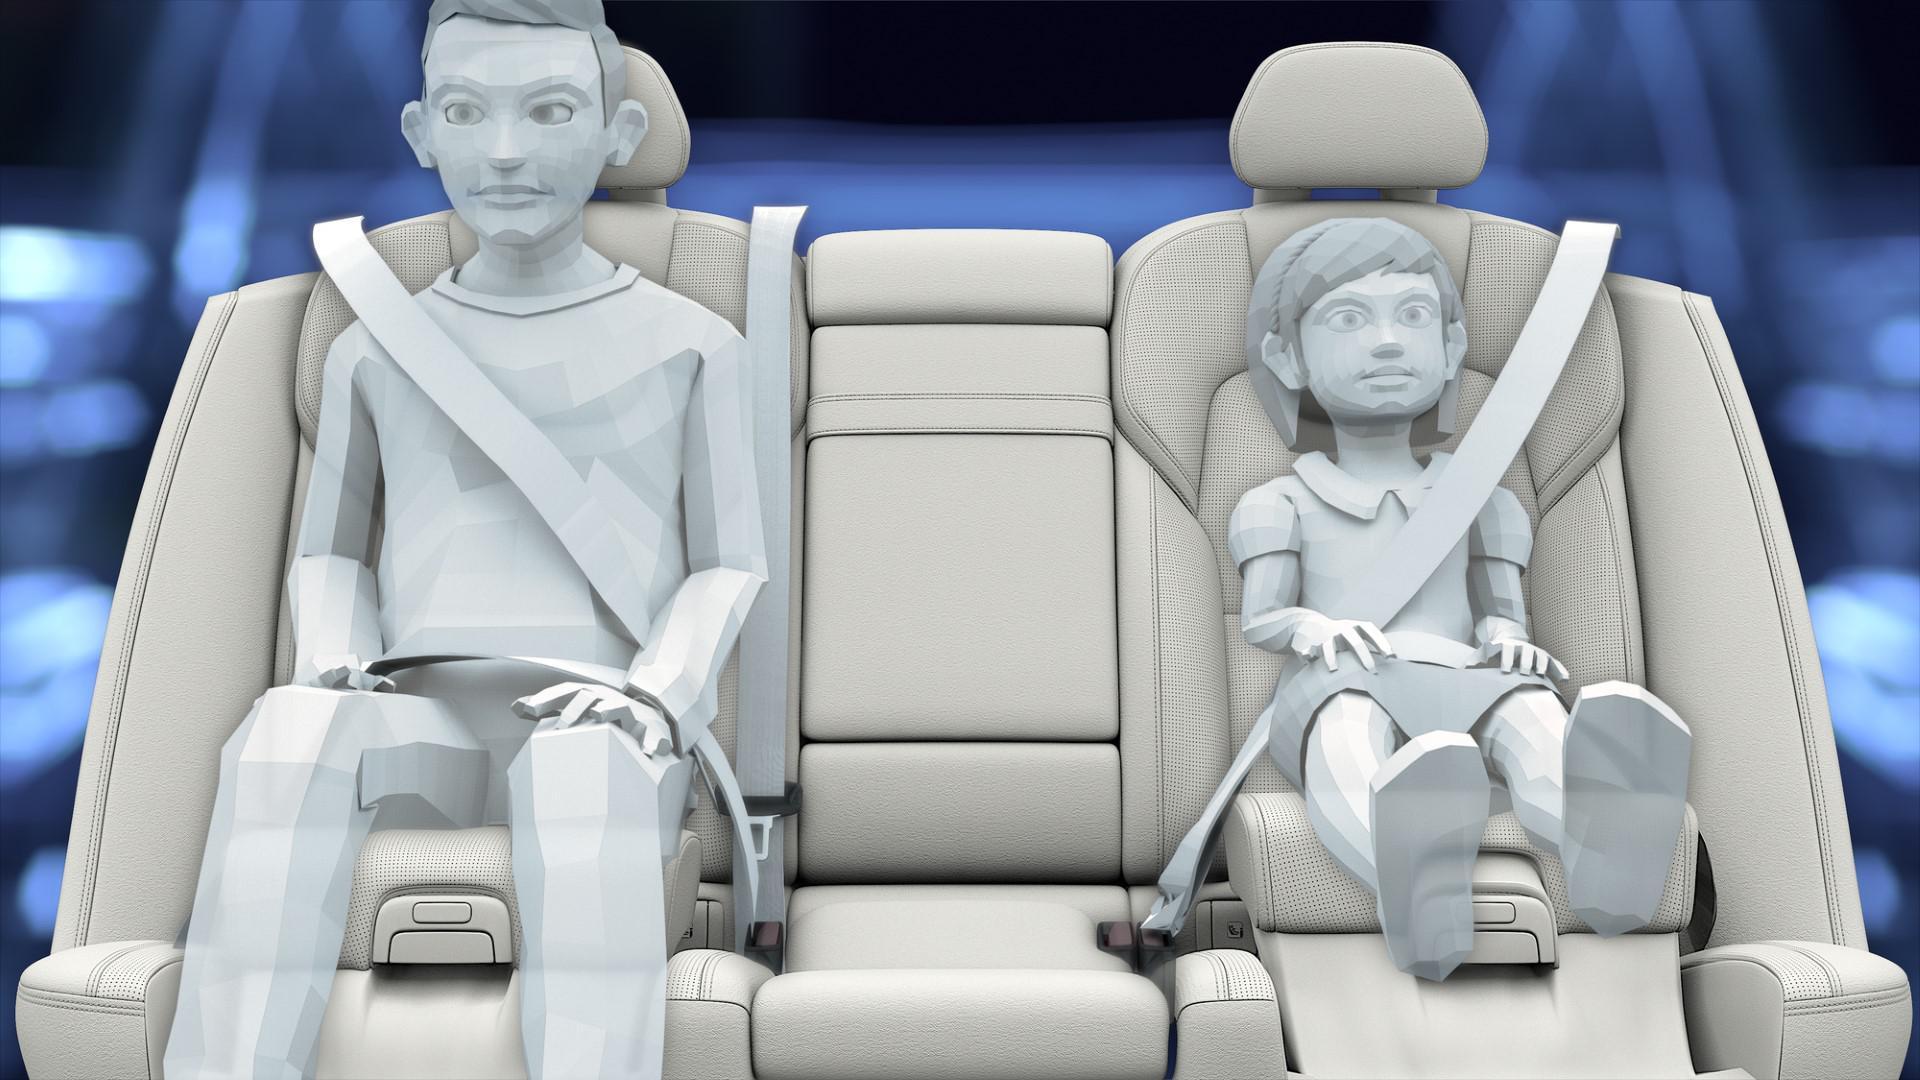 volvo-cars-pas-de-compromis-sur-la-securite-1201-1.jpg